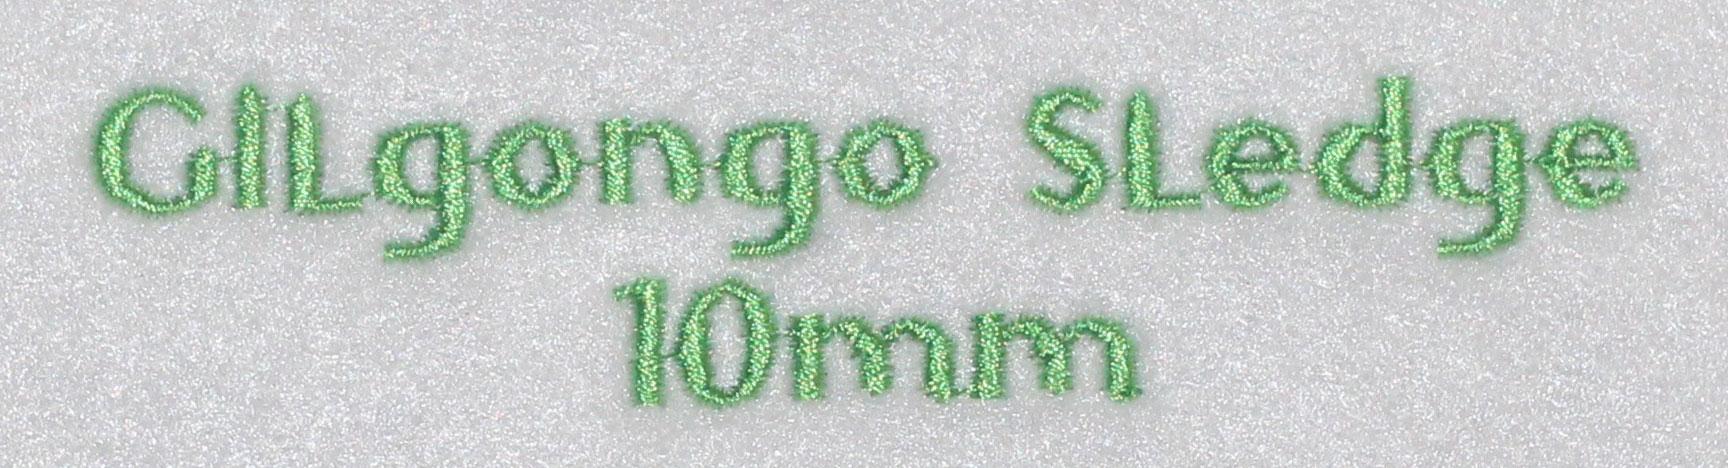 Gilgongo Sledge 10mm Font